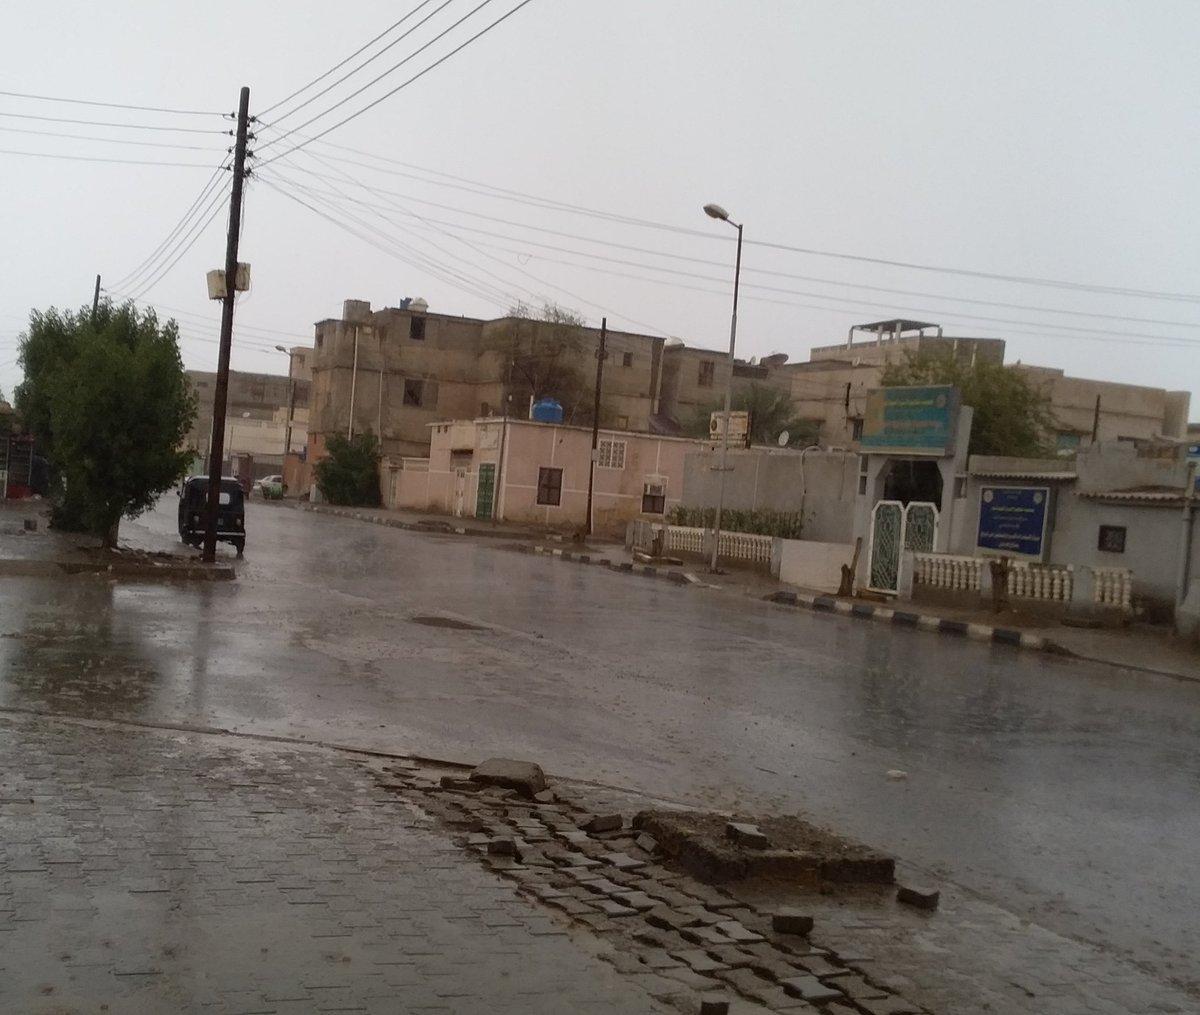 بالفيديو.. سيول وفيضانات السودان تدمر عشرات المنازل ودعوات للإغاثة